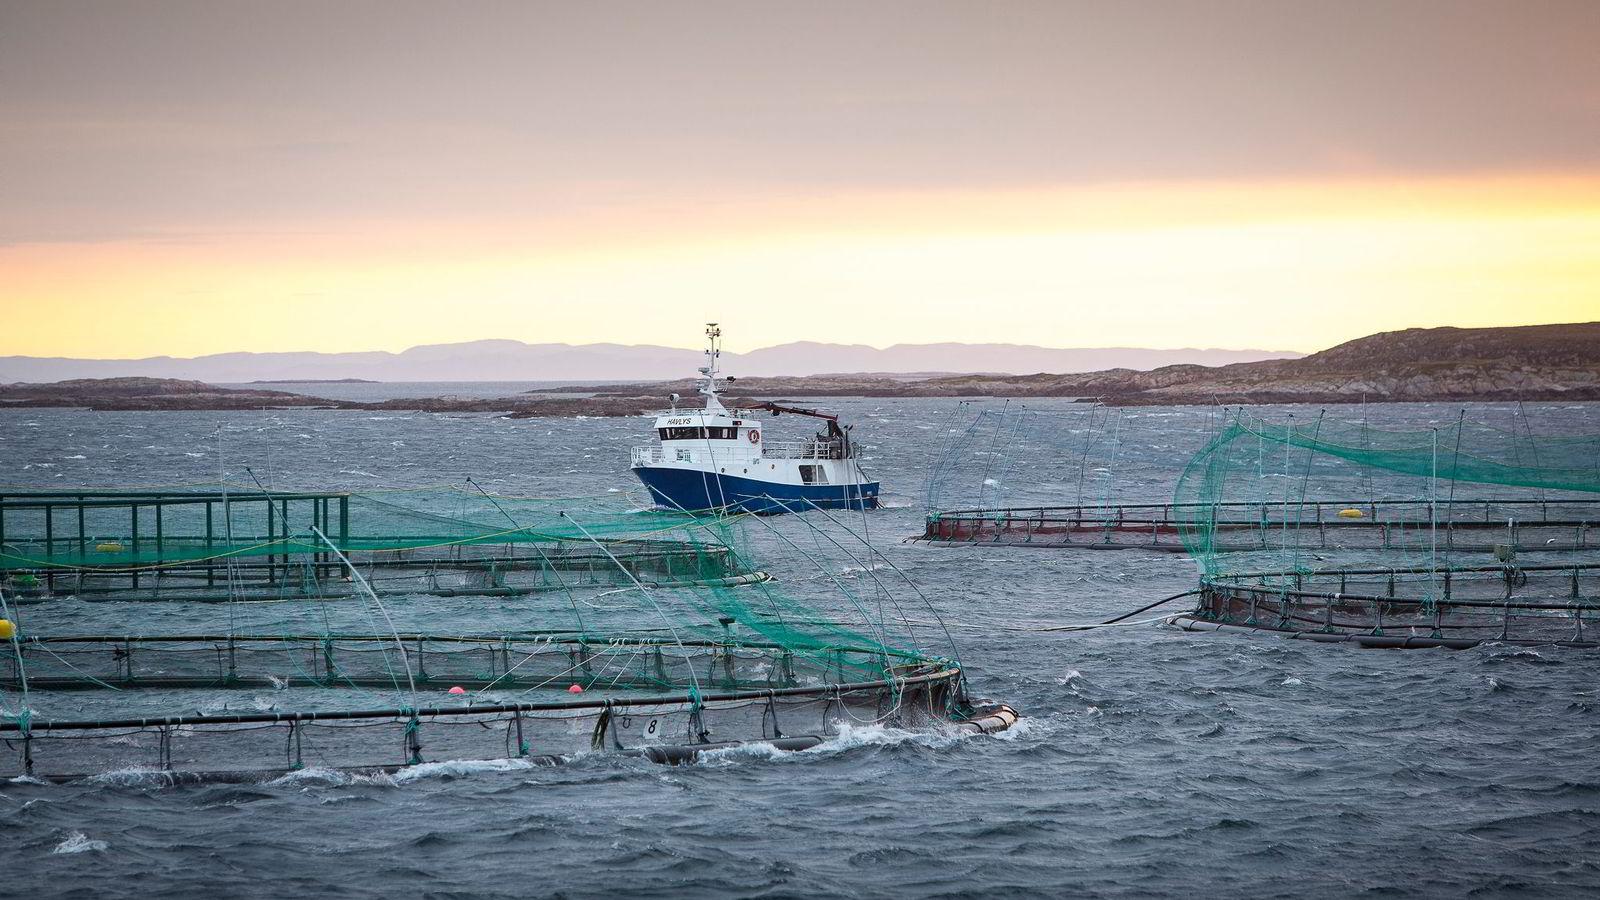 Oppdrett drives i fjord- og kystallmenningen, og her må mange interesser ivaretas, både kystfiskernes, andre næringsinteresser og kommende generasjoners muligheter, skriver artikkelforfatterne. Her fra oppdrettsanlegg på Frøya.